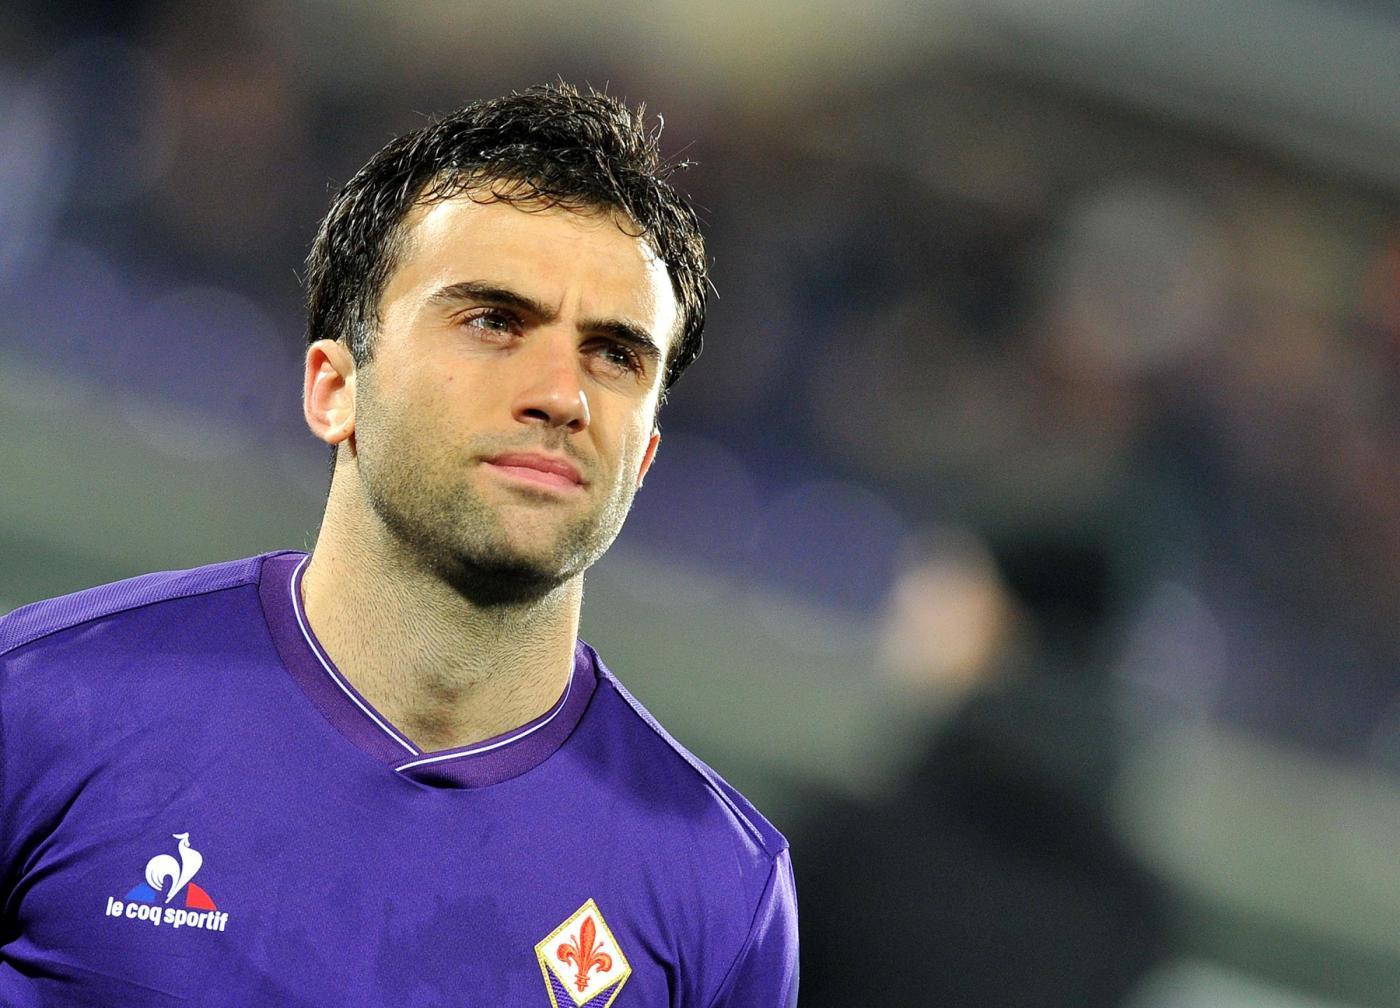 Calciomercato Fiorentina: Giuseppe Rossi al Villarreal sponda Levante